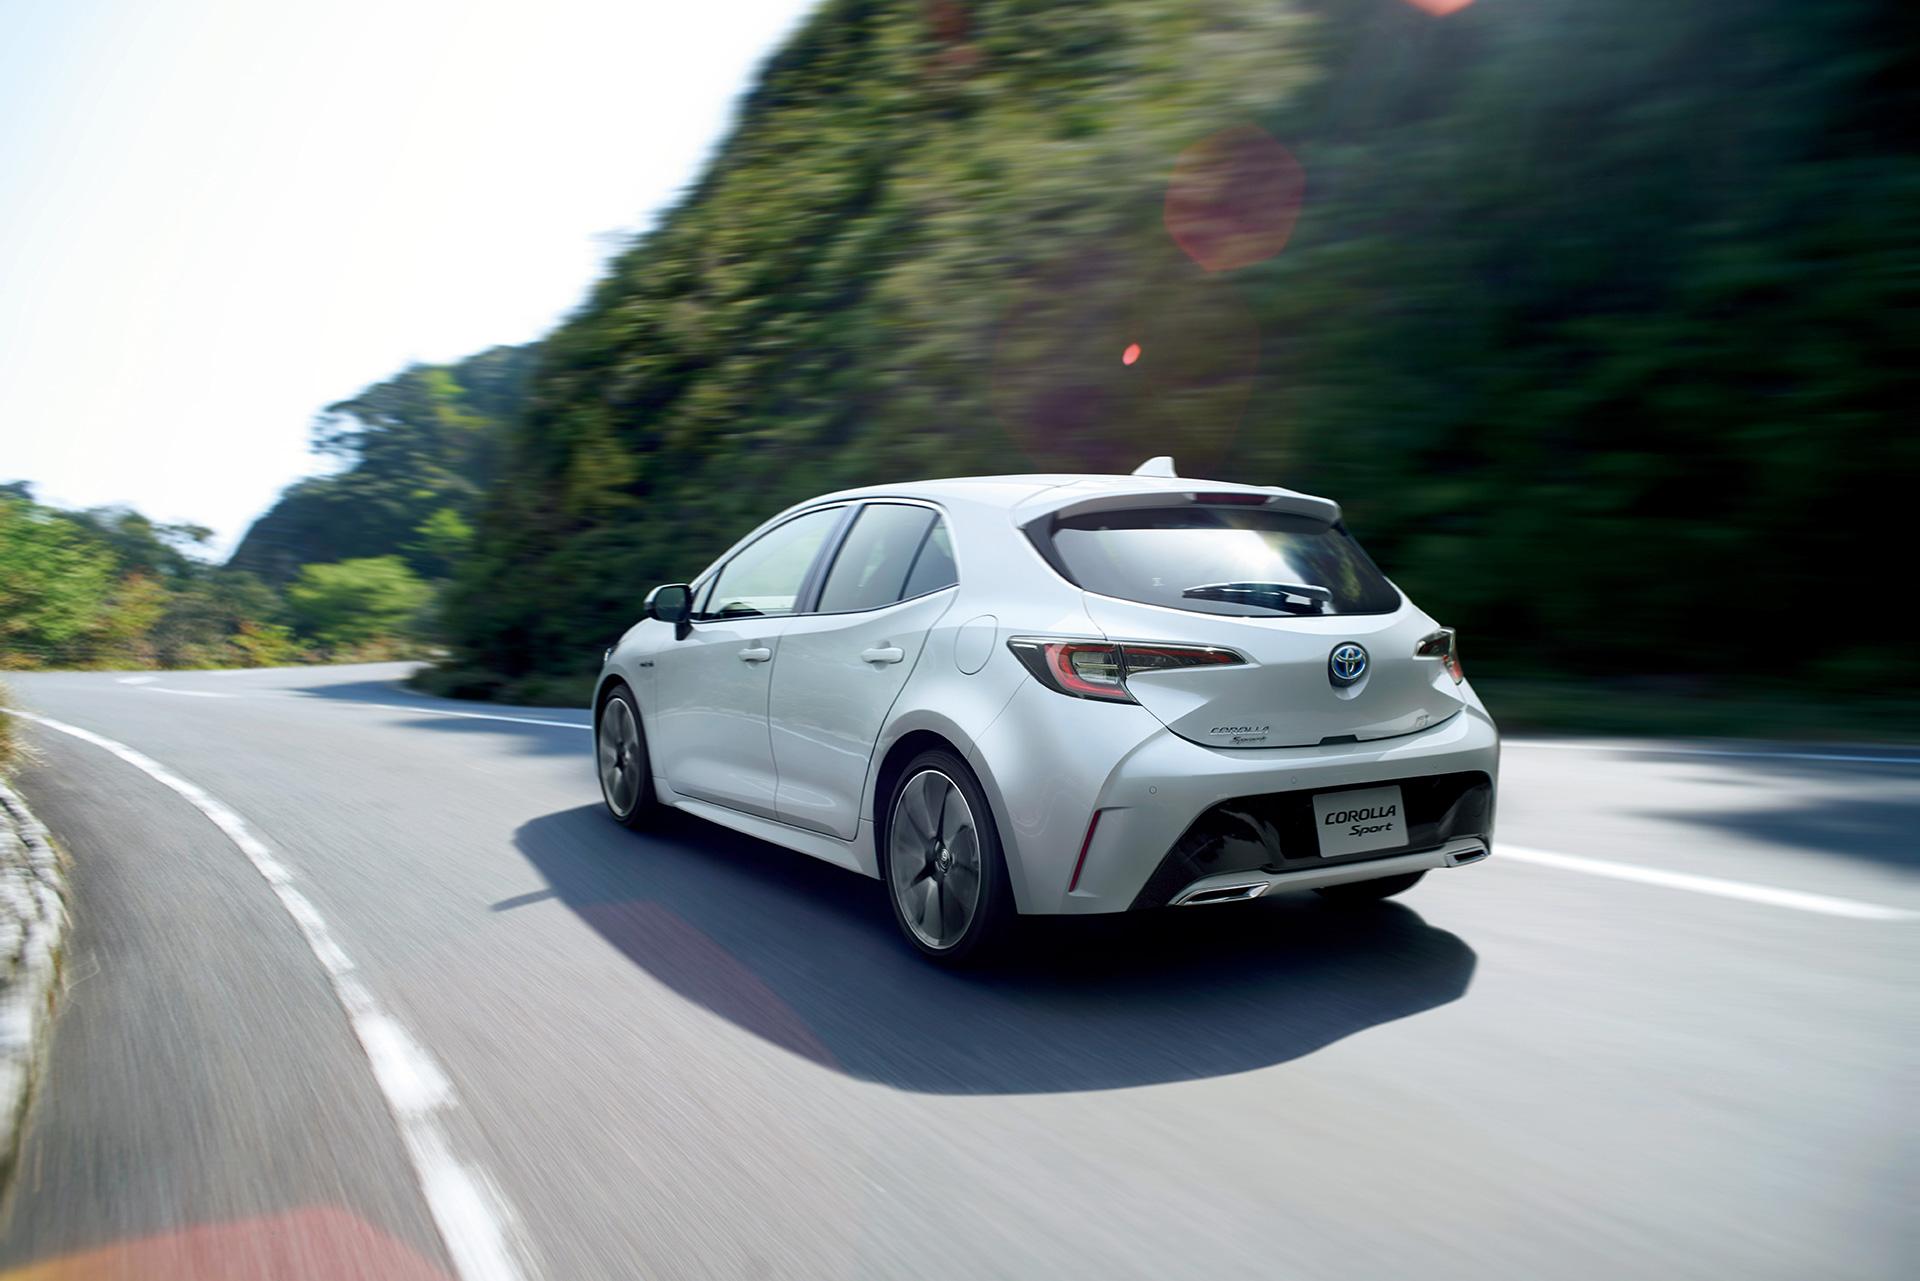 Kelebihan Kekurangan Harga Toyota Corolla Spesifikasi